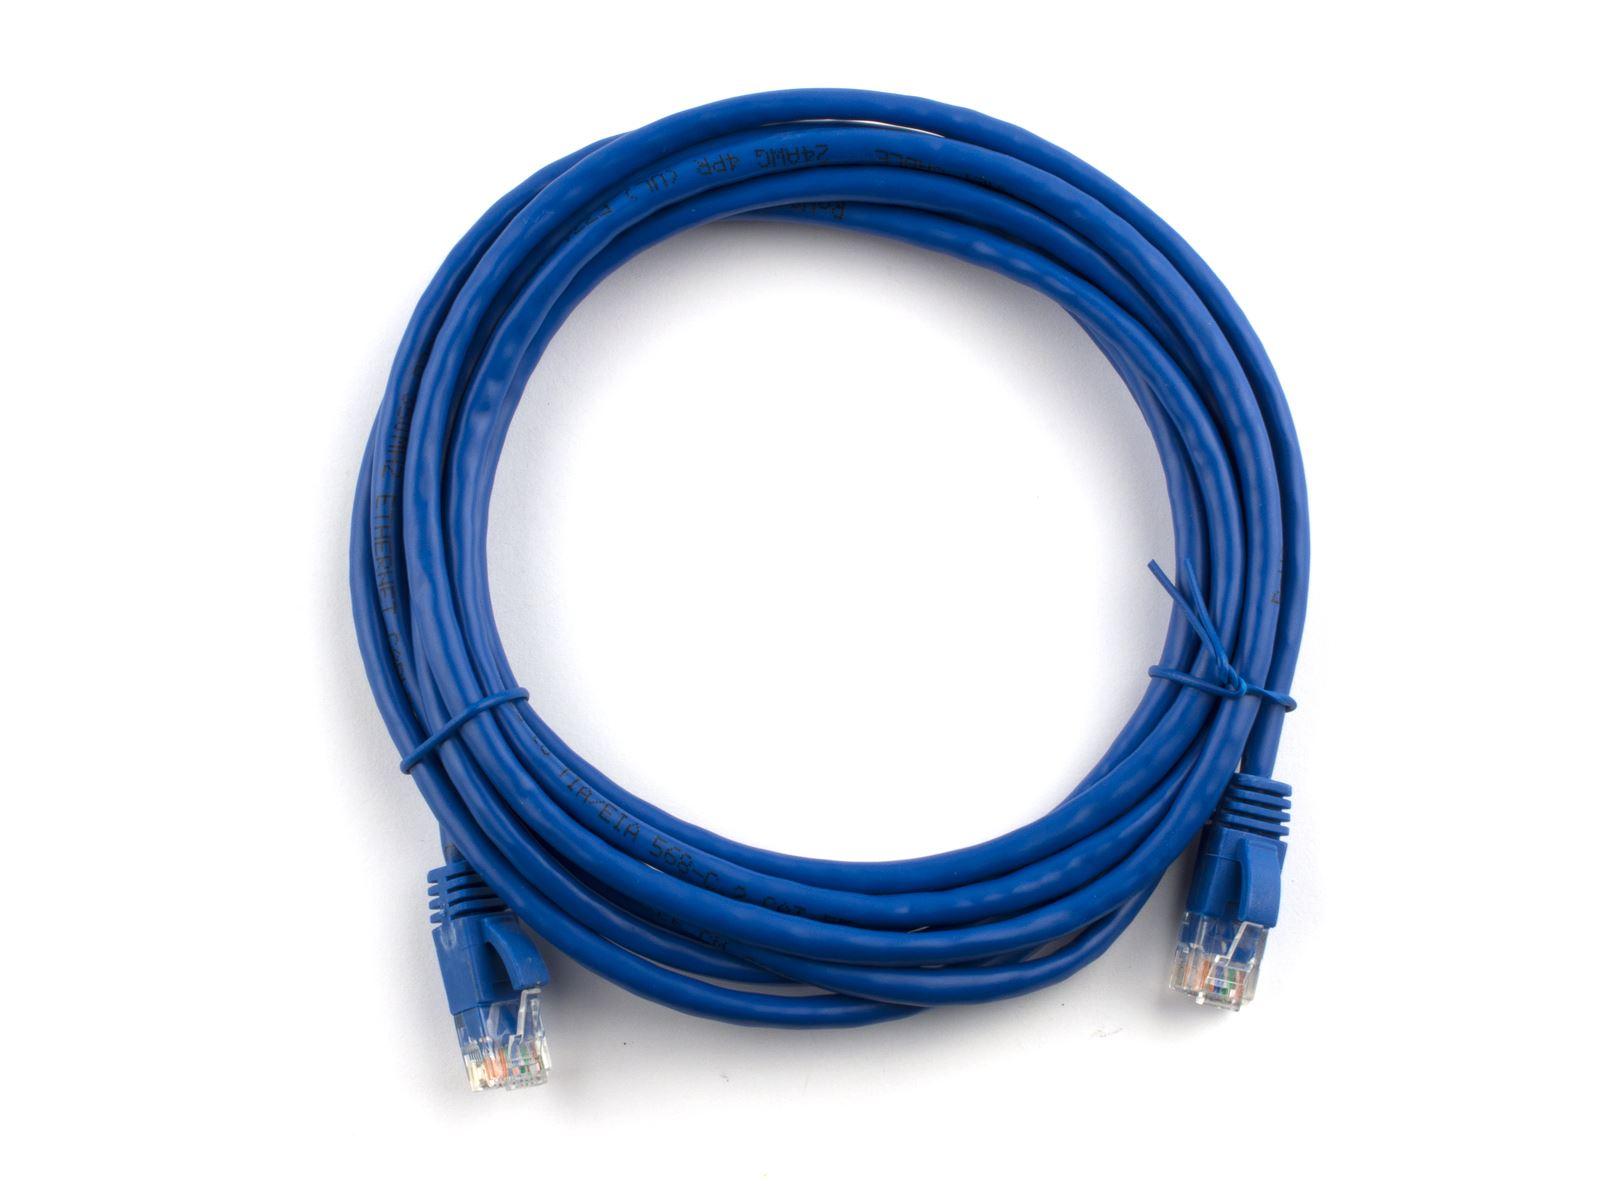 25 ft Blue SoDo Tek TM RJ45 Cat5e Ethernet Patch Cable For Samsung SF-3000 Printer